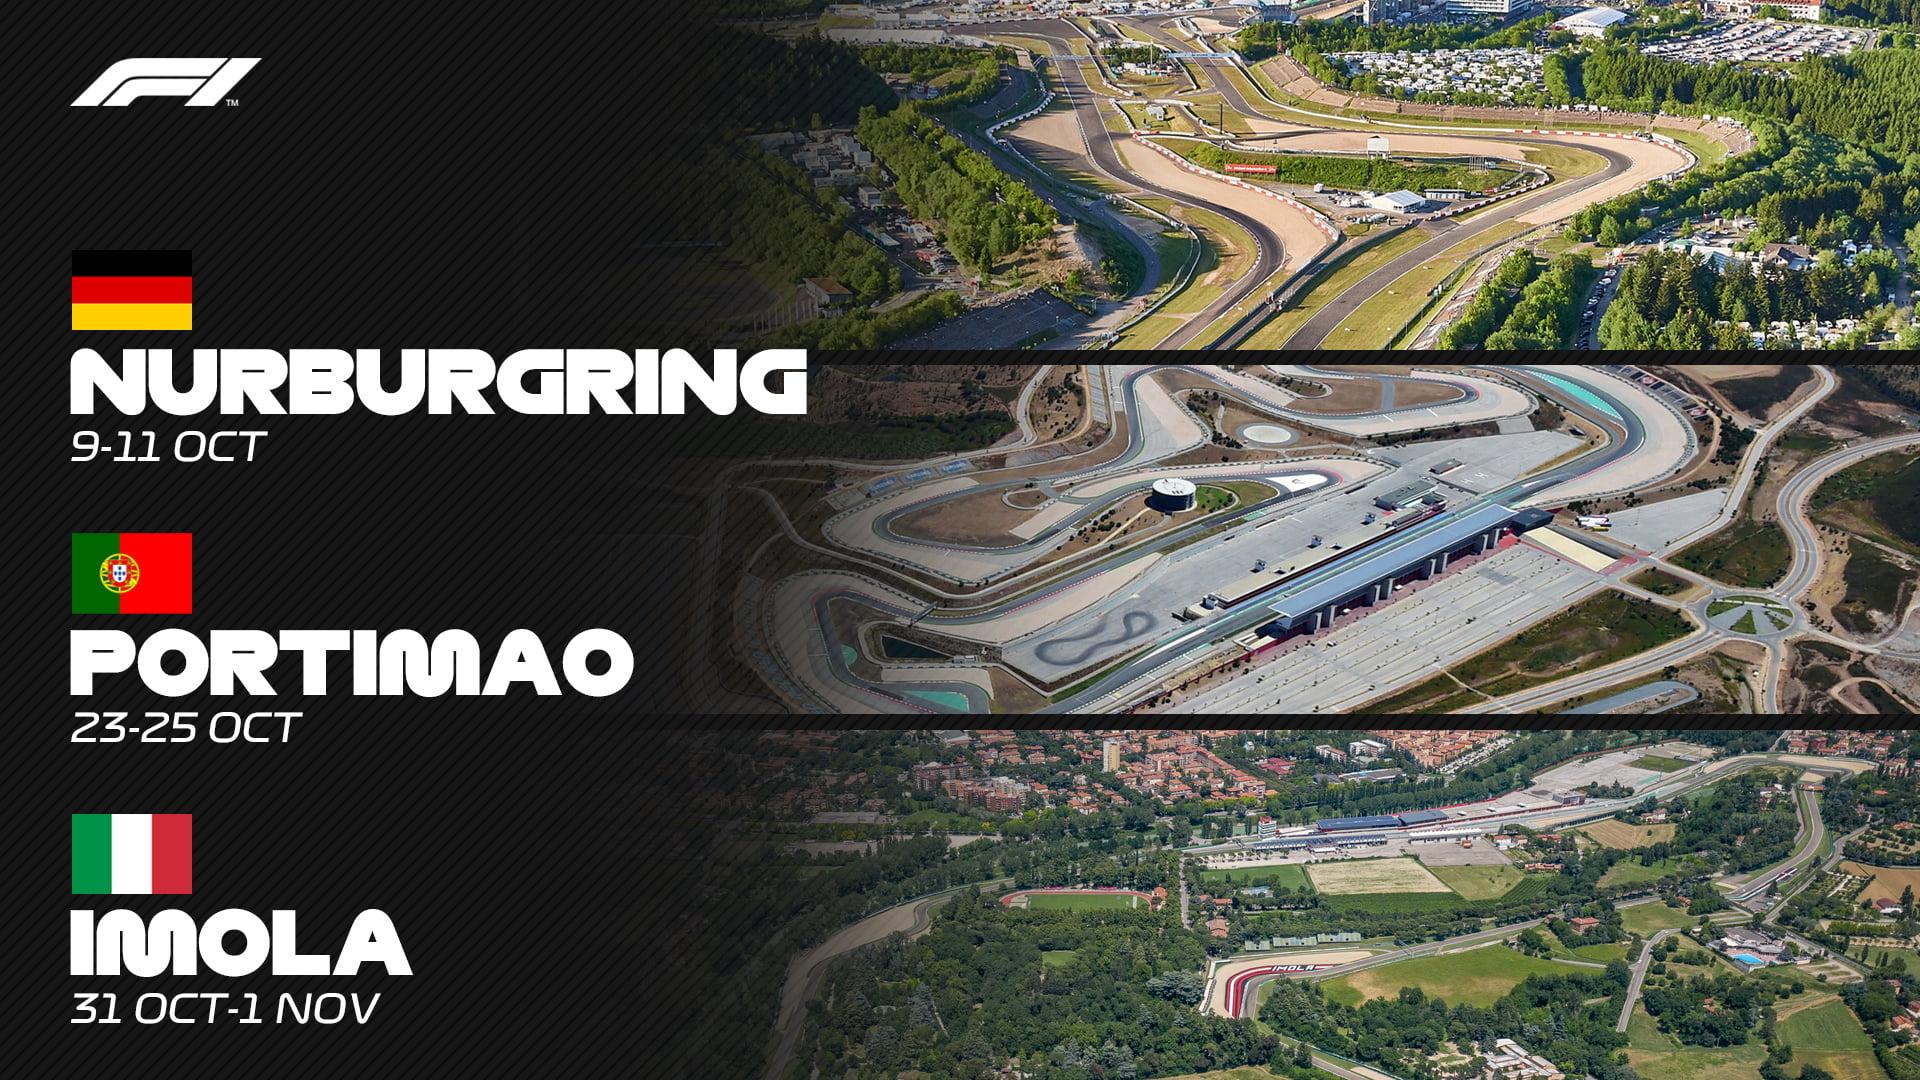 La F1 amplia el calendario europeo de pruebas